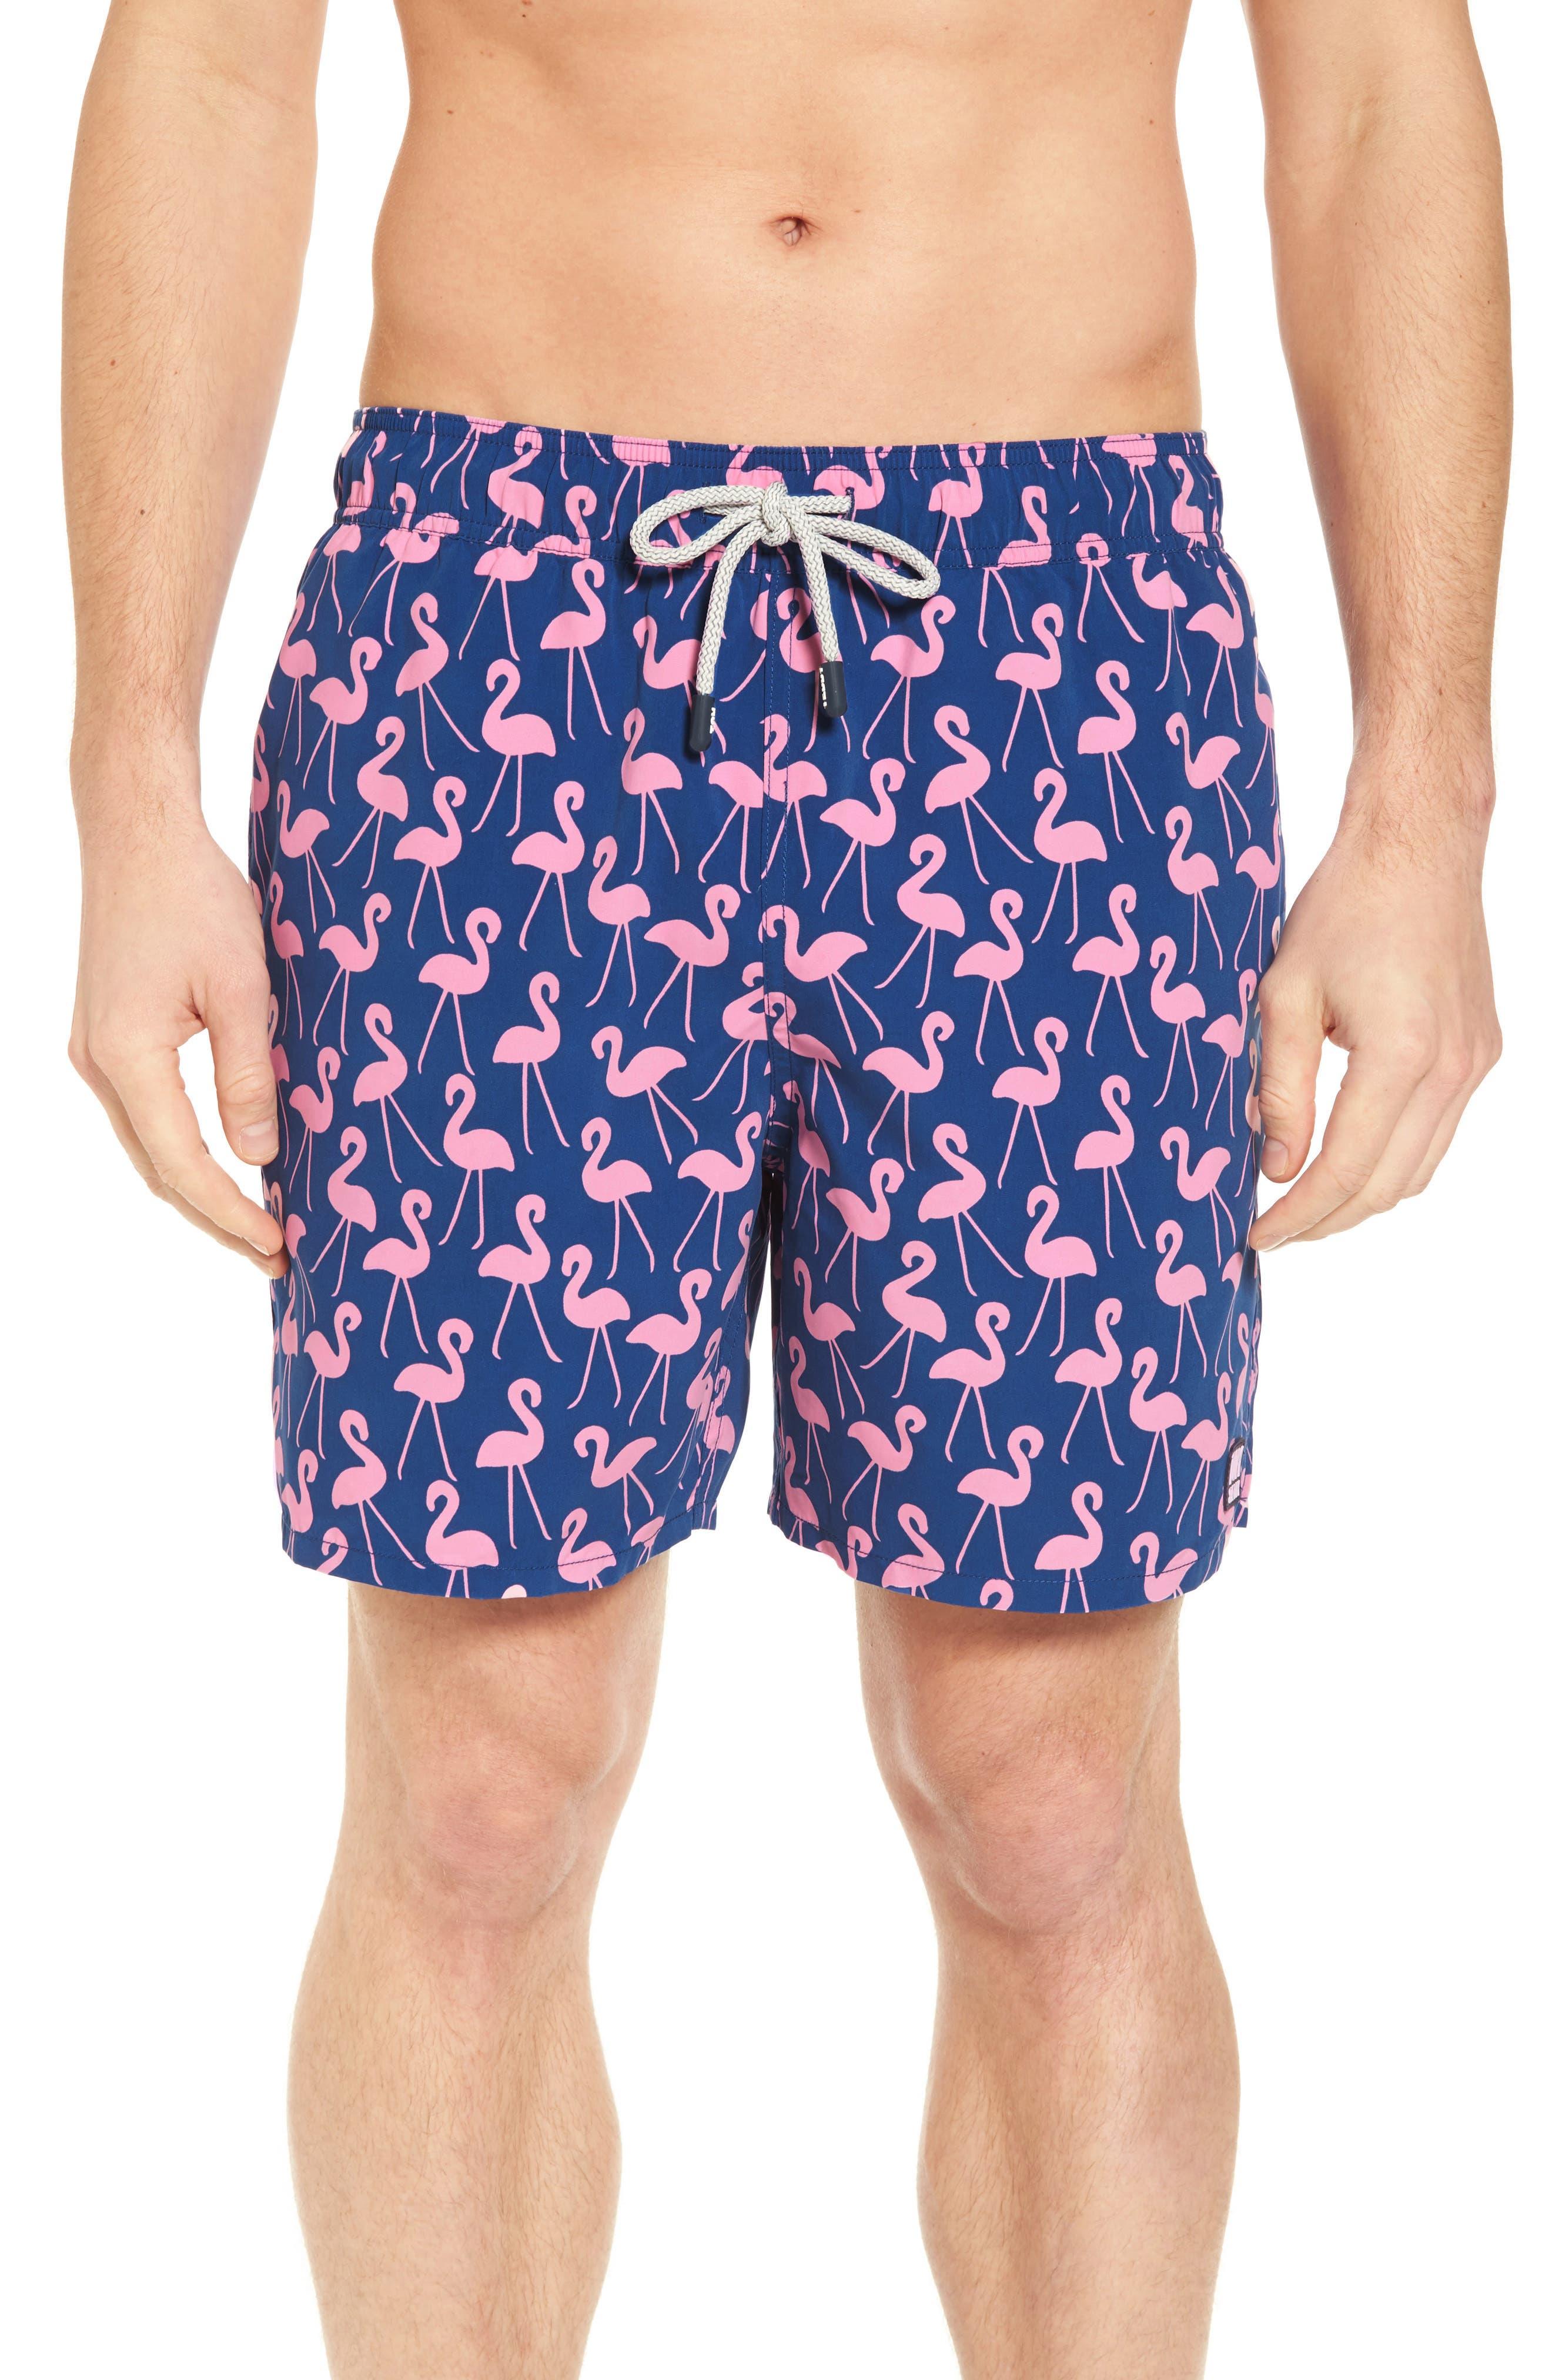 Tom & Teddy Flamingo Print Swim Trunks, Blue